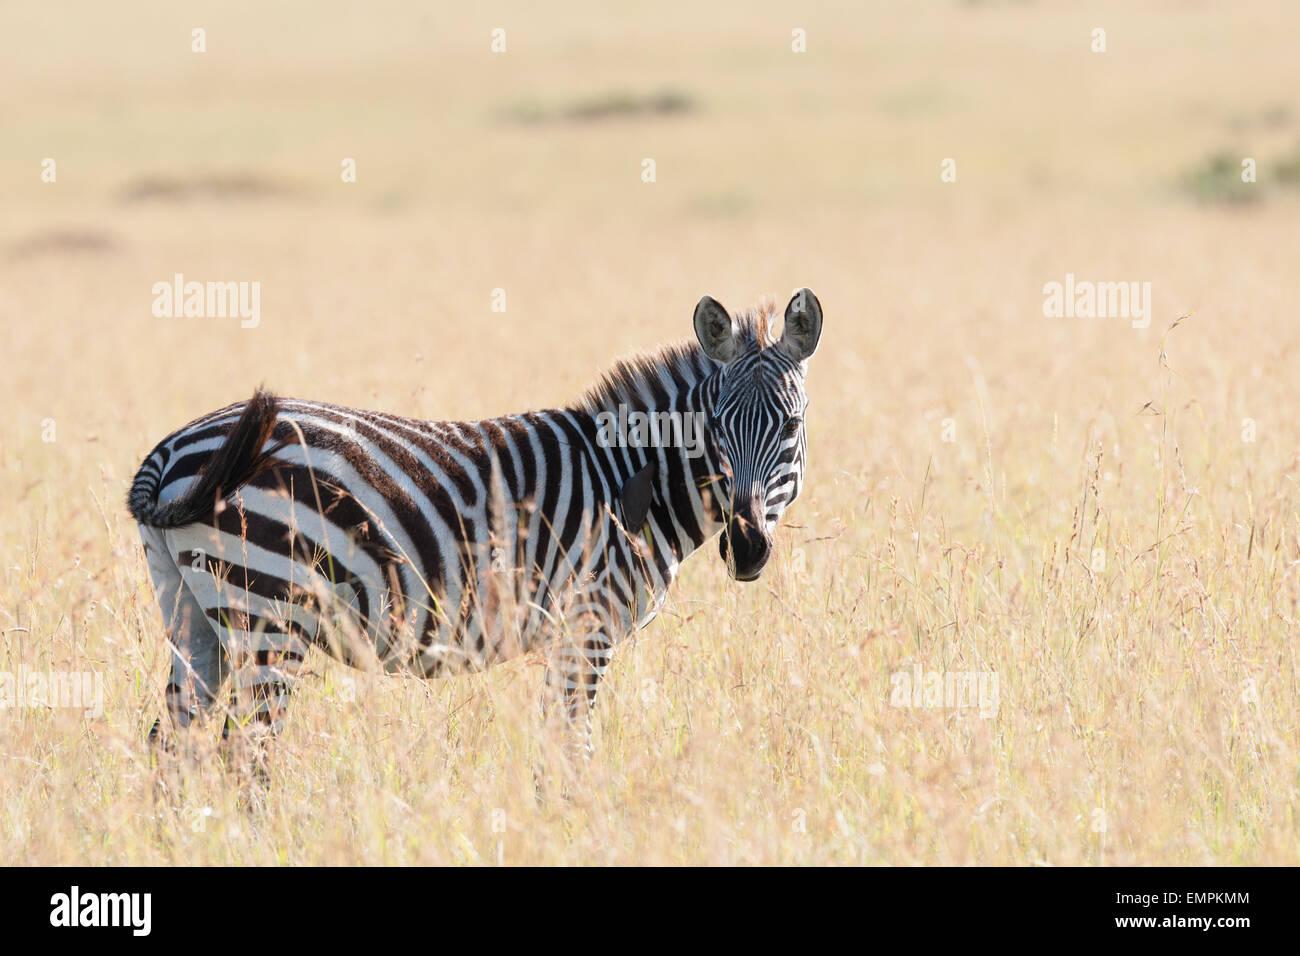 zebra in the Savanna of Kenya - Stock Image